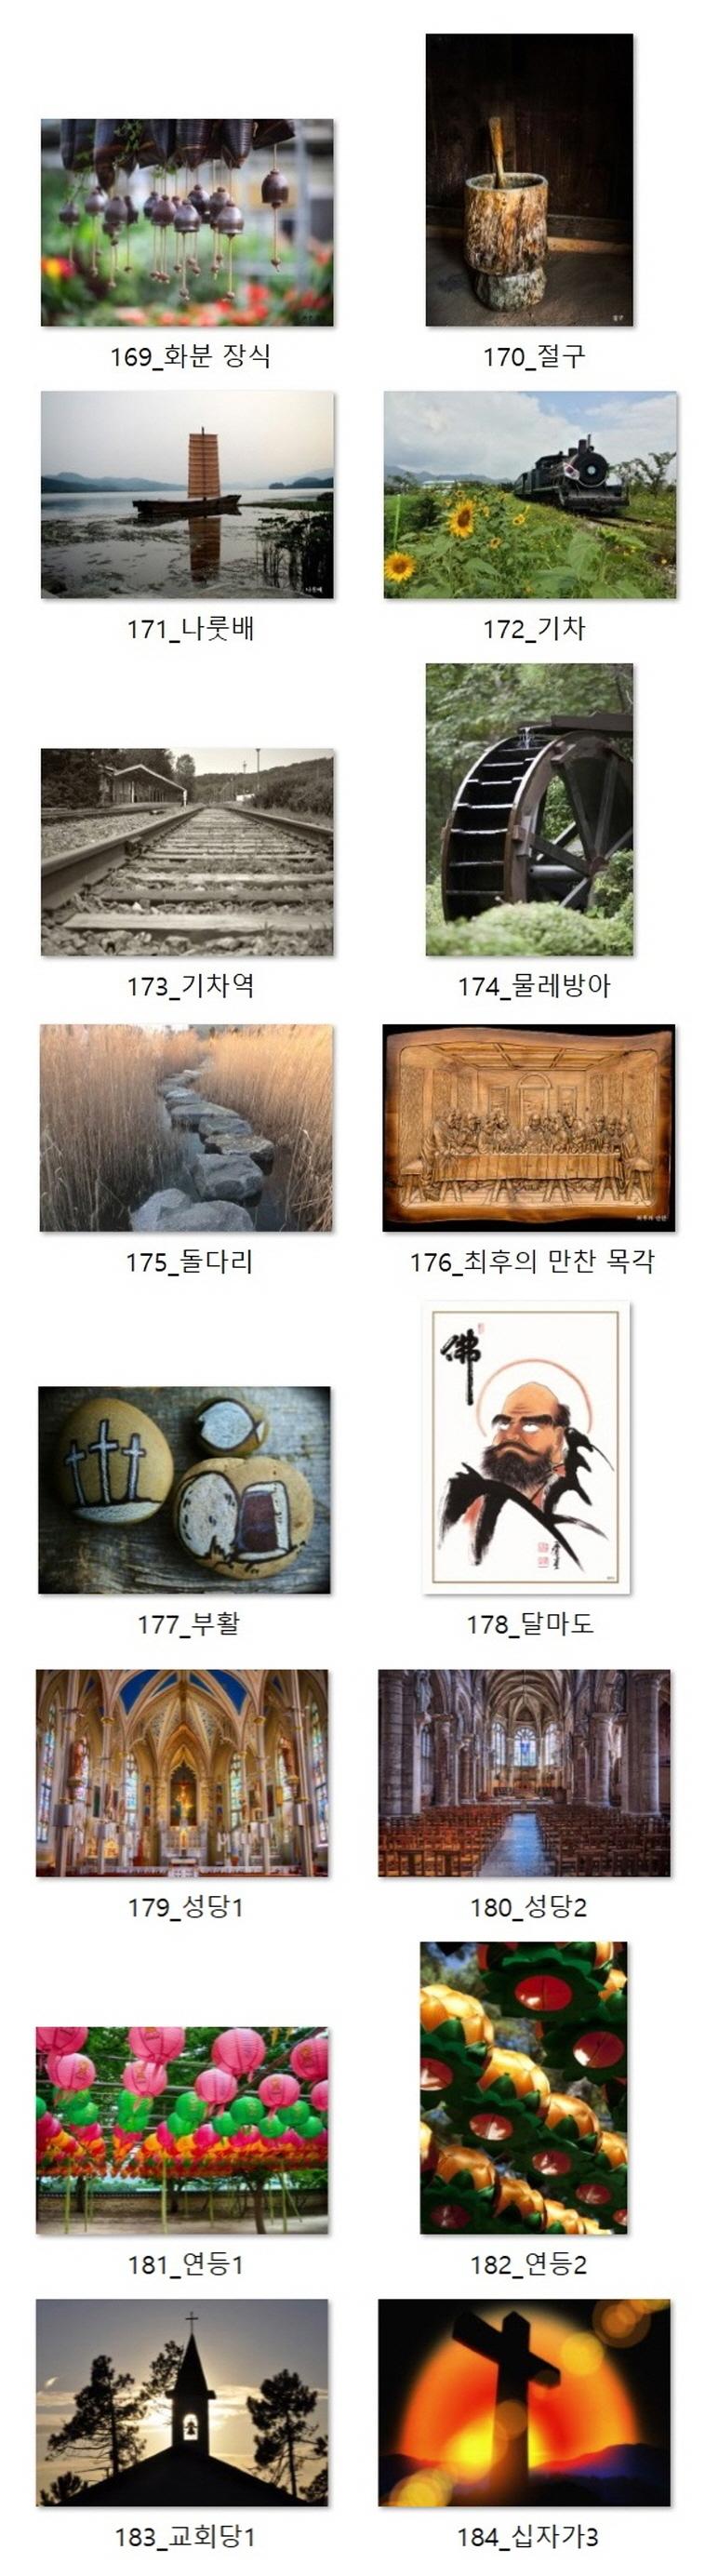 효도퍼즐(A4_건강백세 220종) 가족이 함께 맞추는 판퍼즐-효도선물 치매예방 - 퍼즐러브, 5,000원, 조각/퍼즐, 맞춤퍼즐